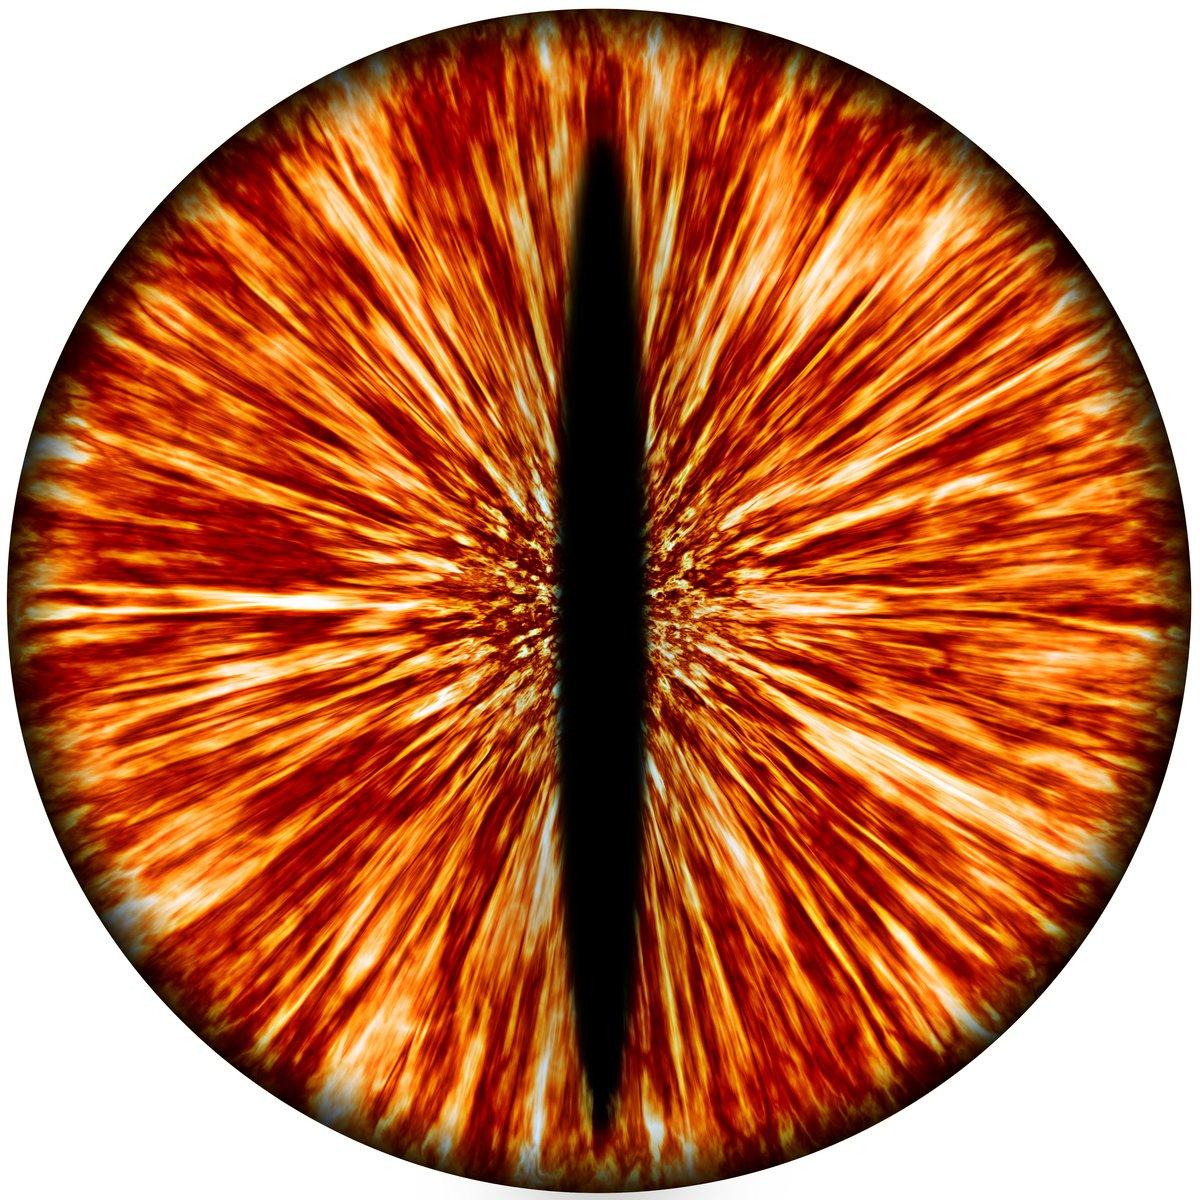 圆形火焰矢量图